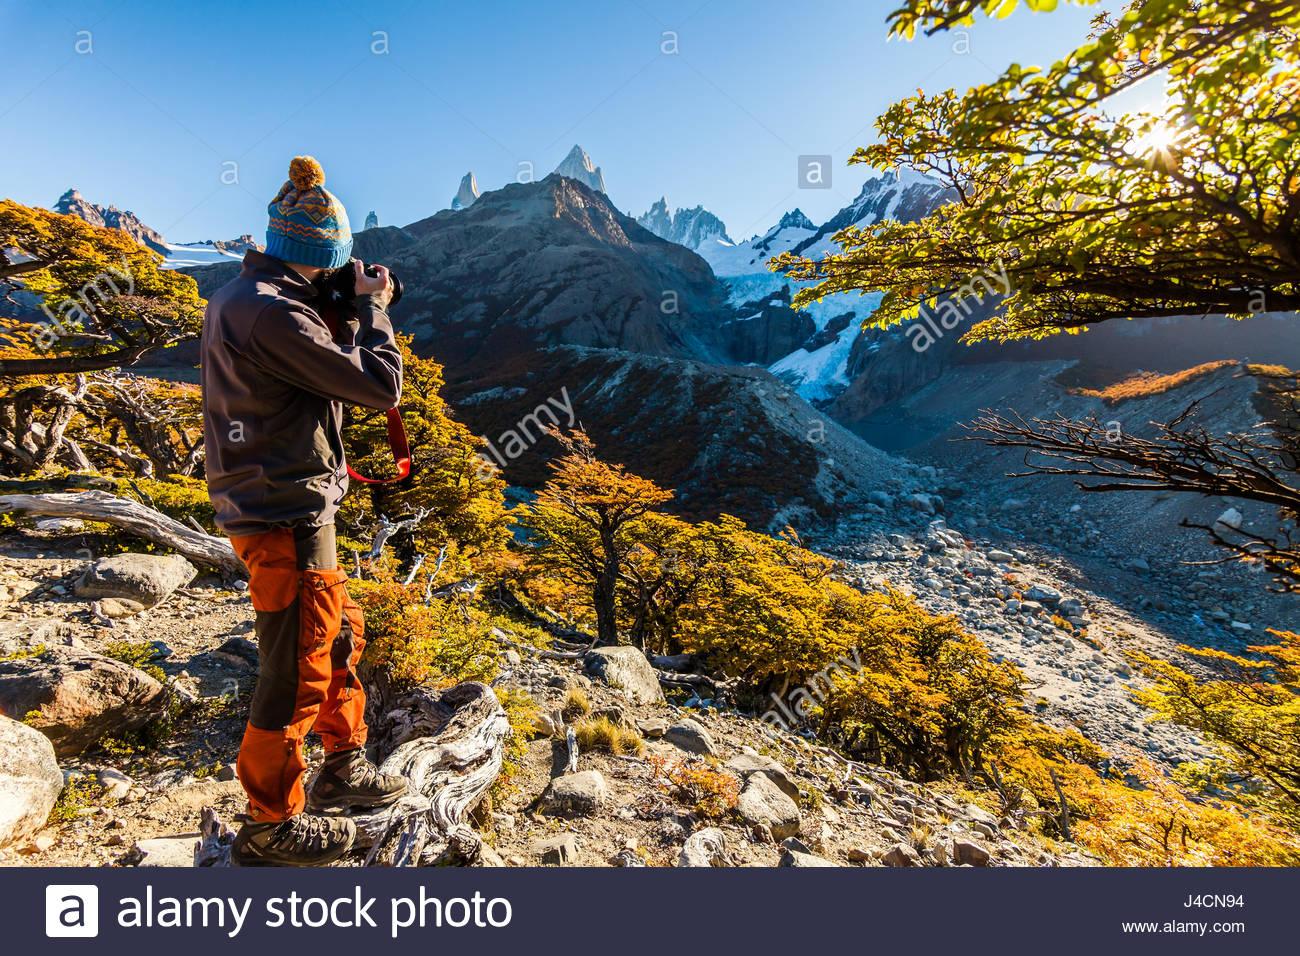 Bärtiger Mann Tourist im Hintergrund eine Berglandschaft Stockbild